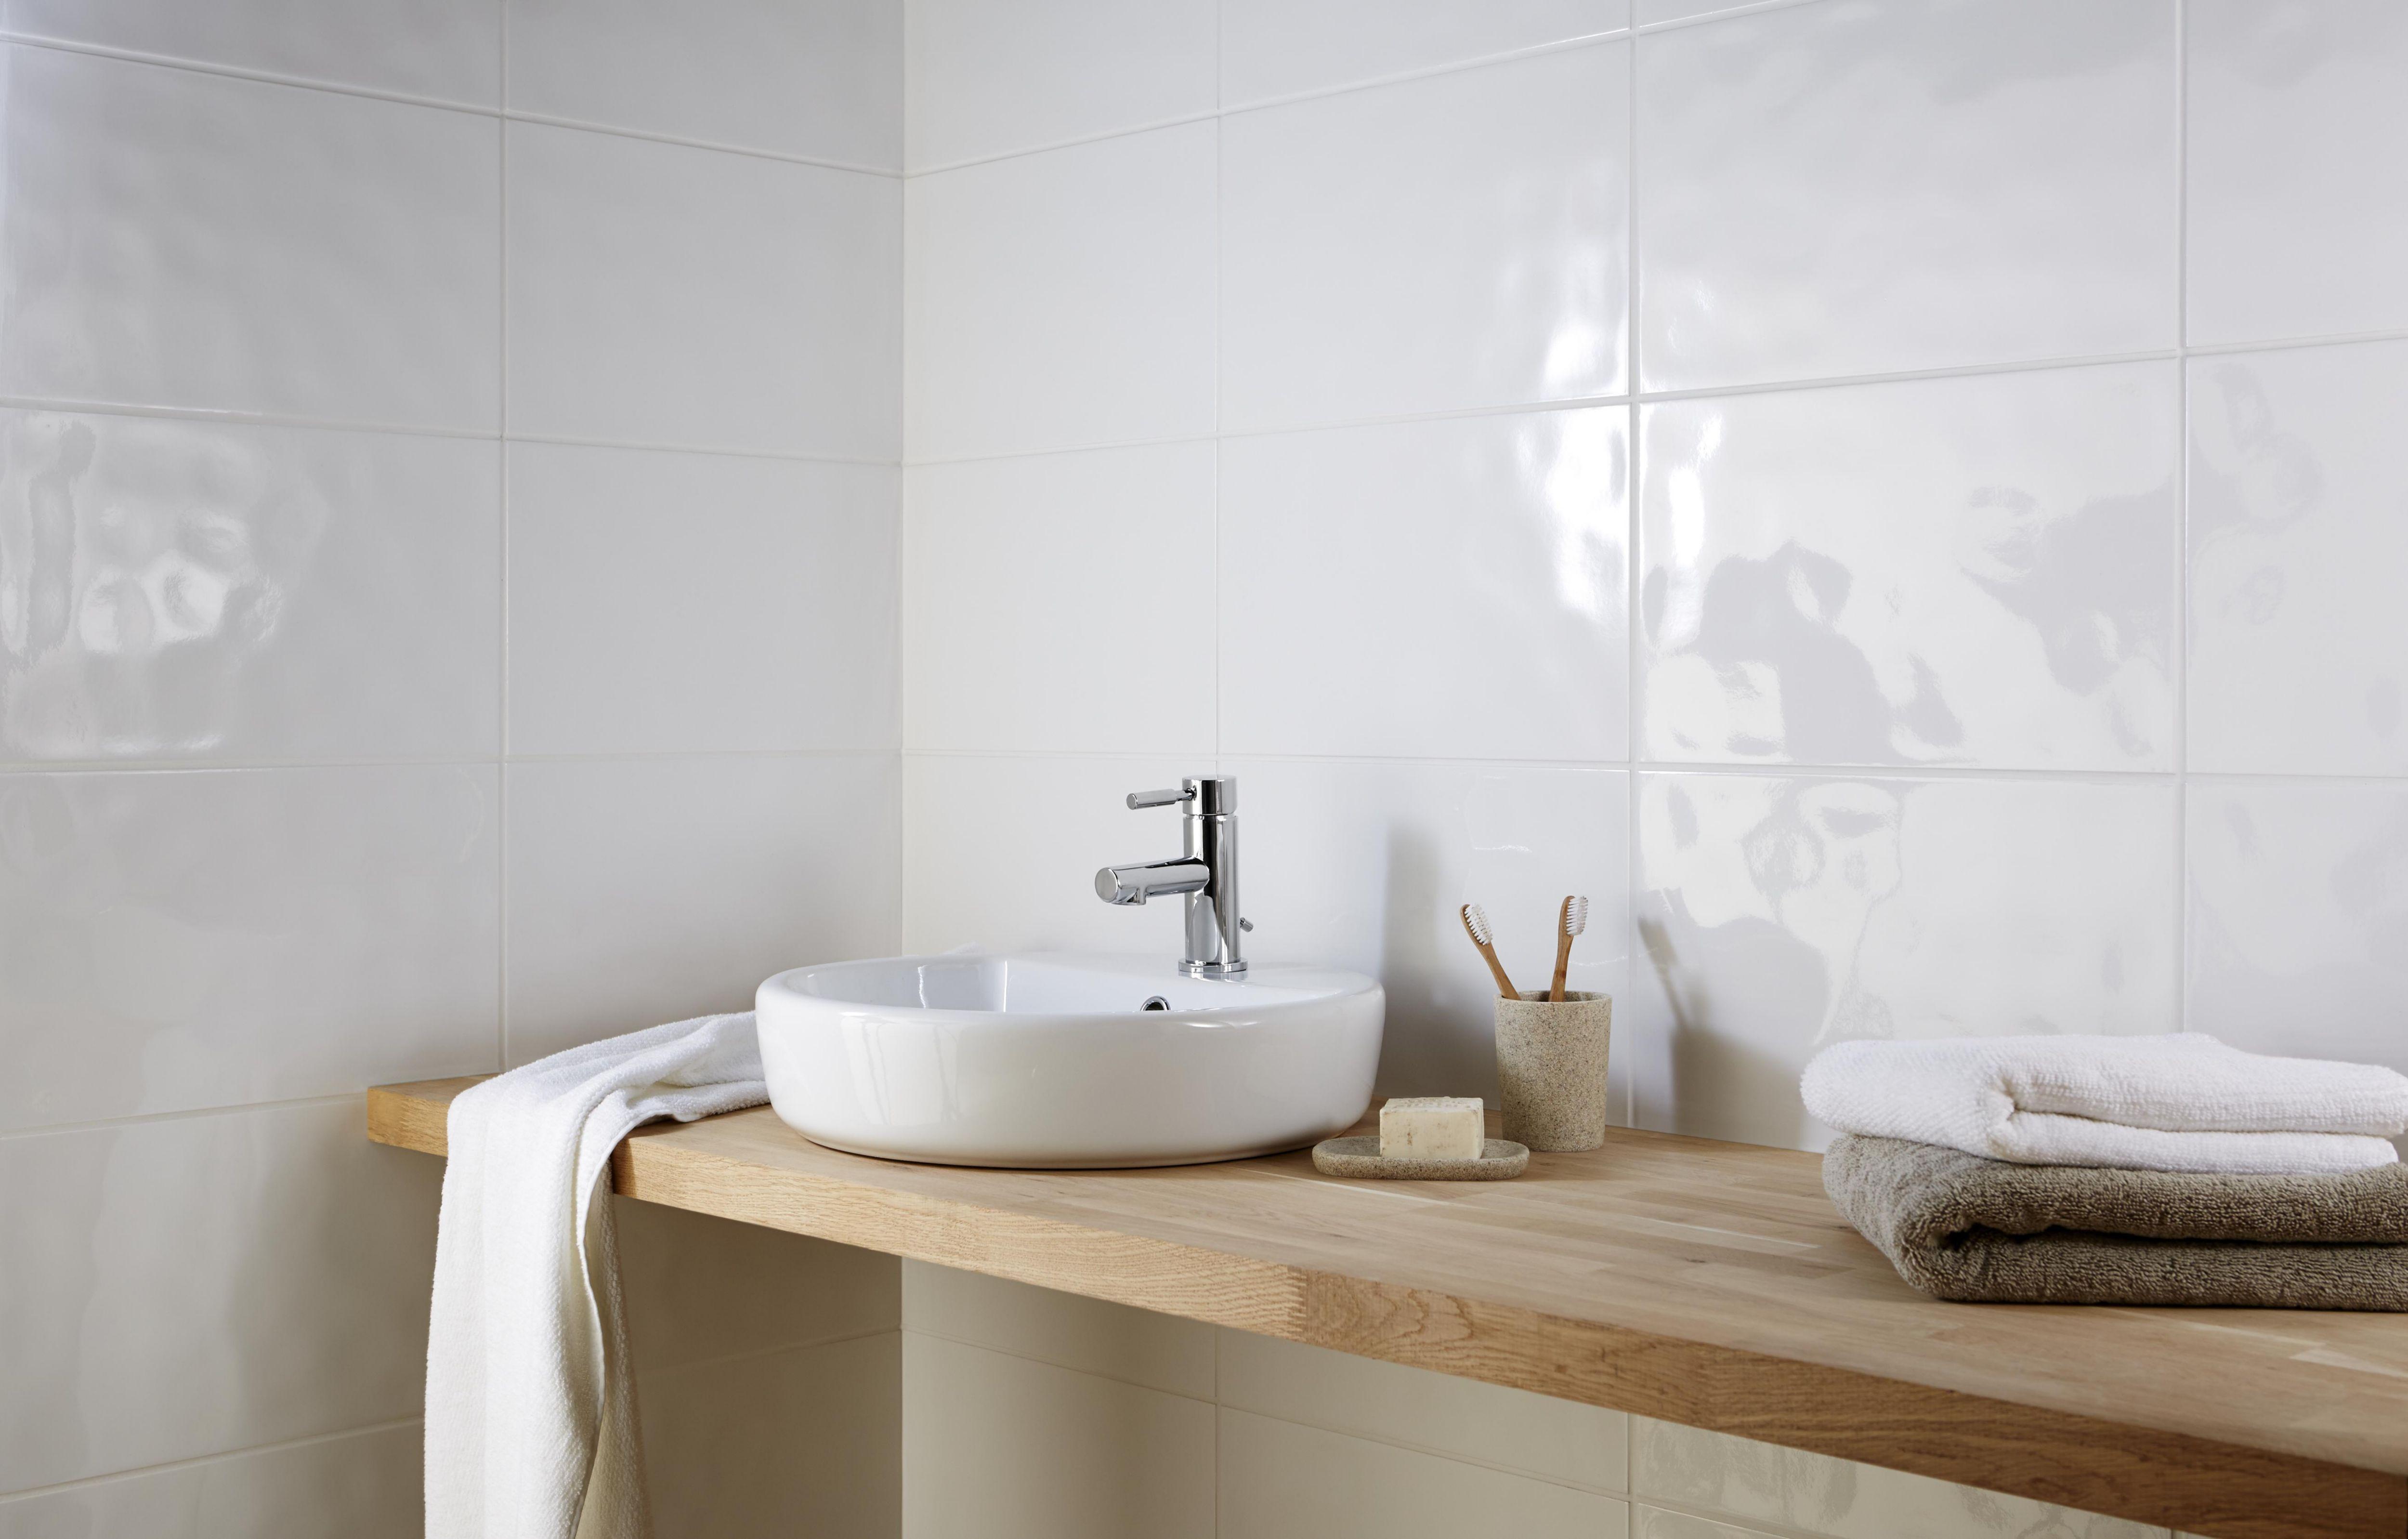 Bathroom Basins Bathroom Sinks DIY At BampQ